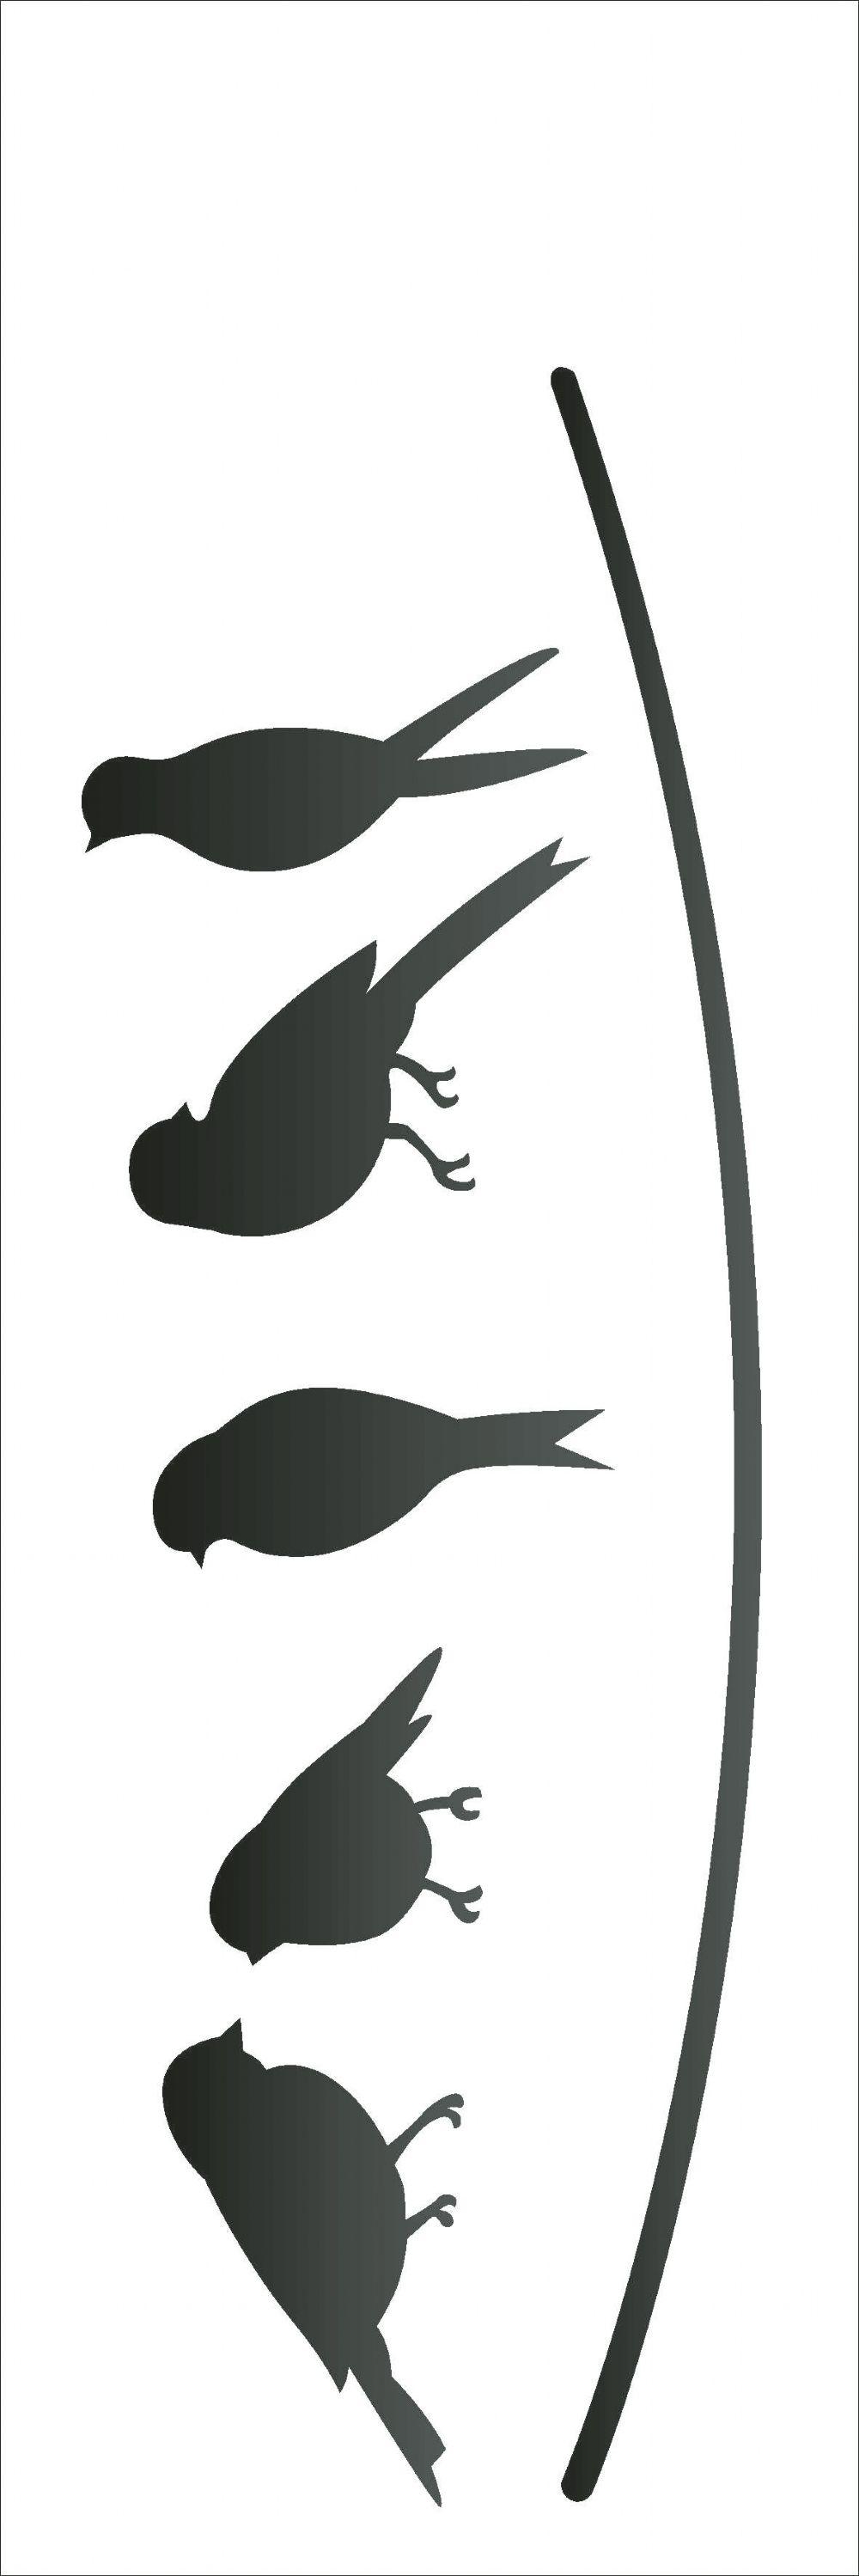 10x30 simples pássaros opa2161 desenho ilustraçao pinterest